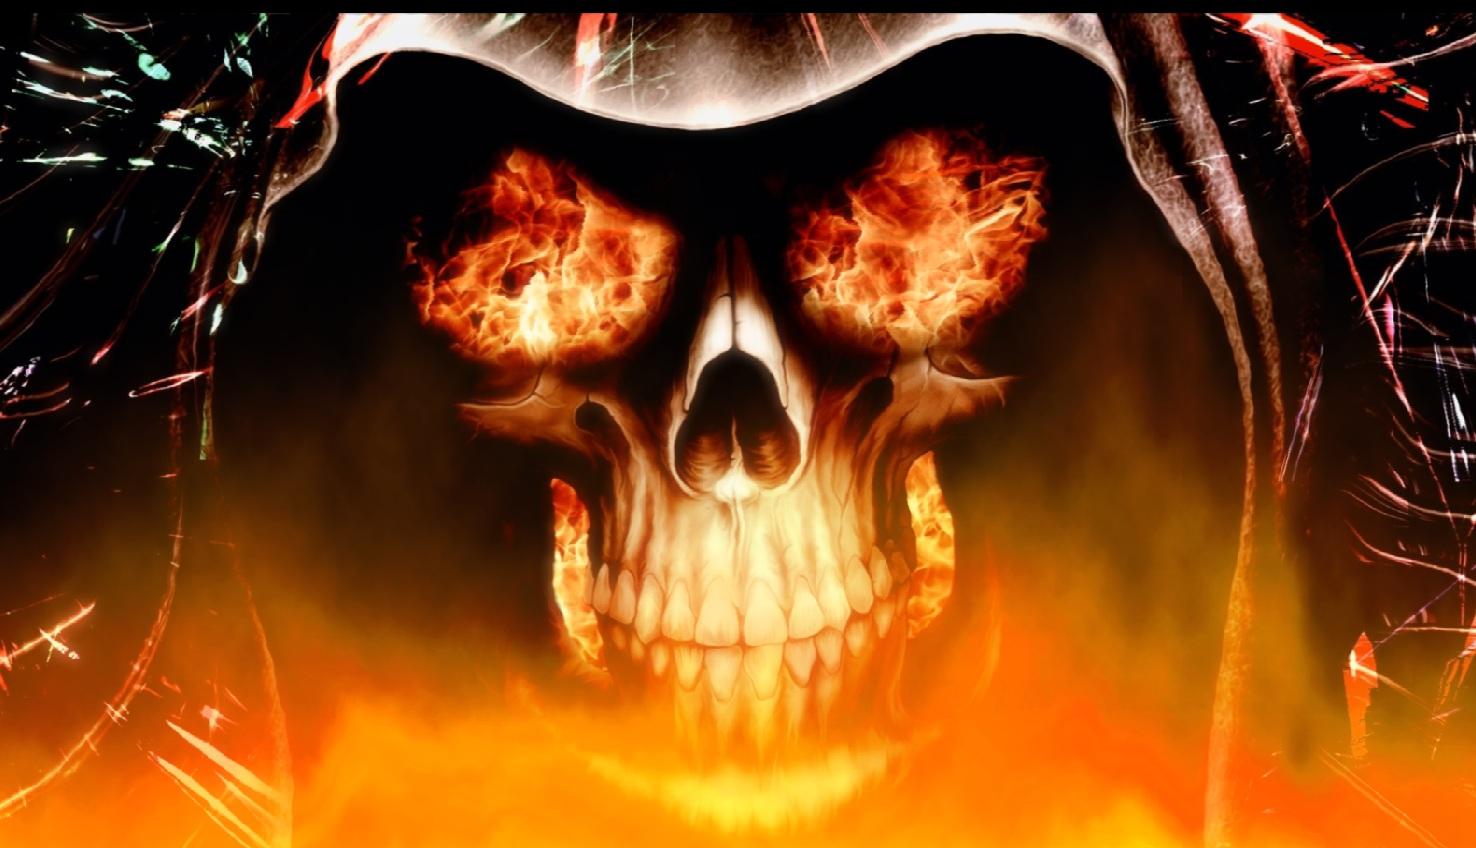 Download Fire Skull Animated Wallpaper DesktopAnimatedcom 1476x848